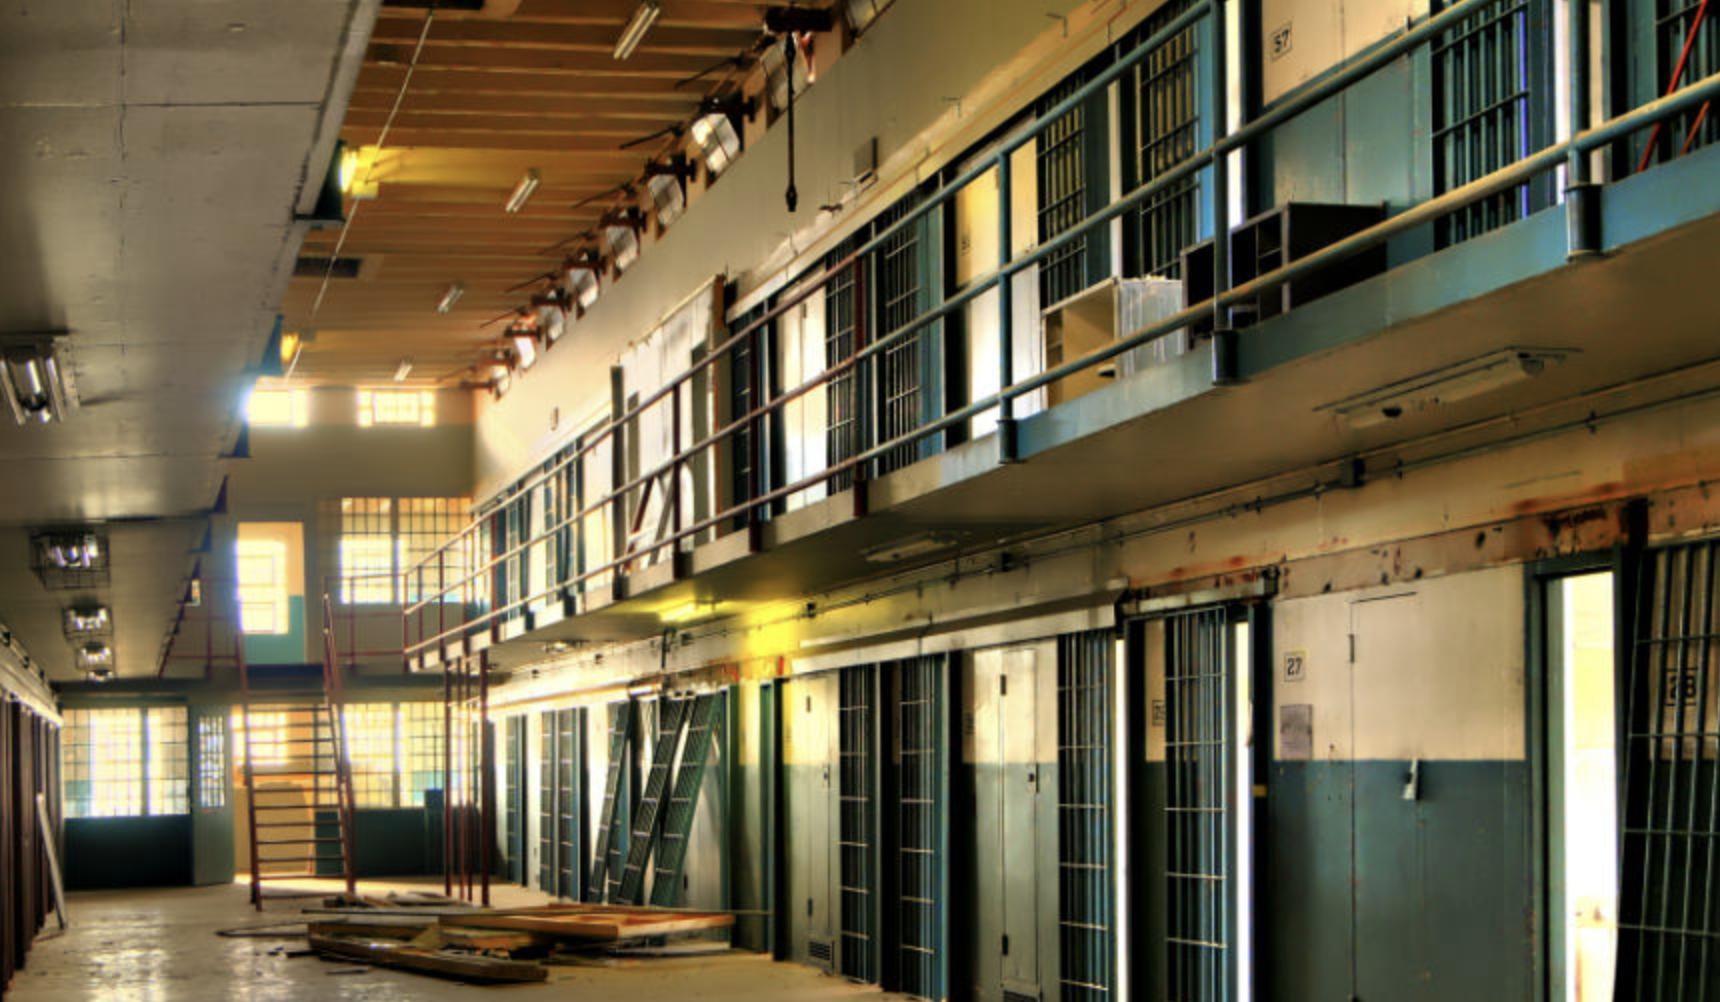 Homan prison